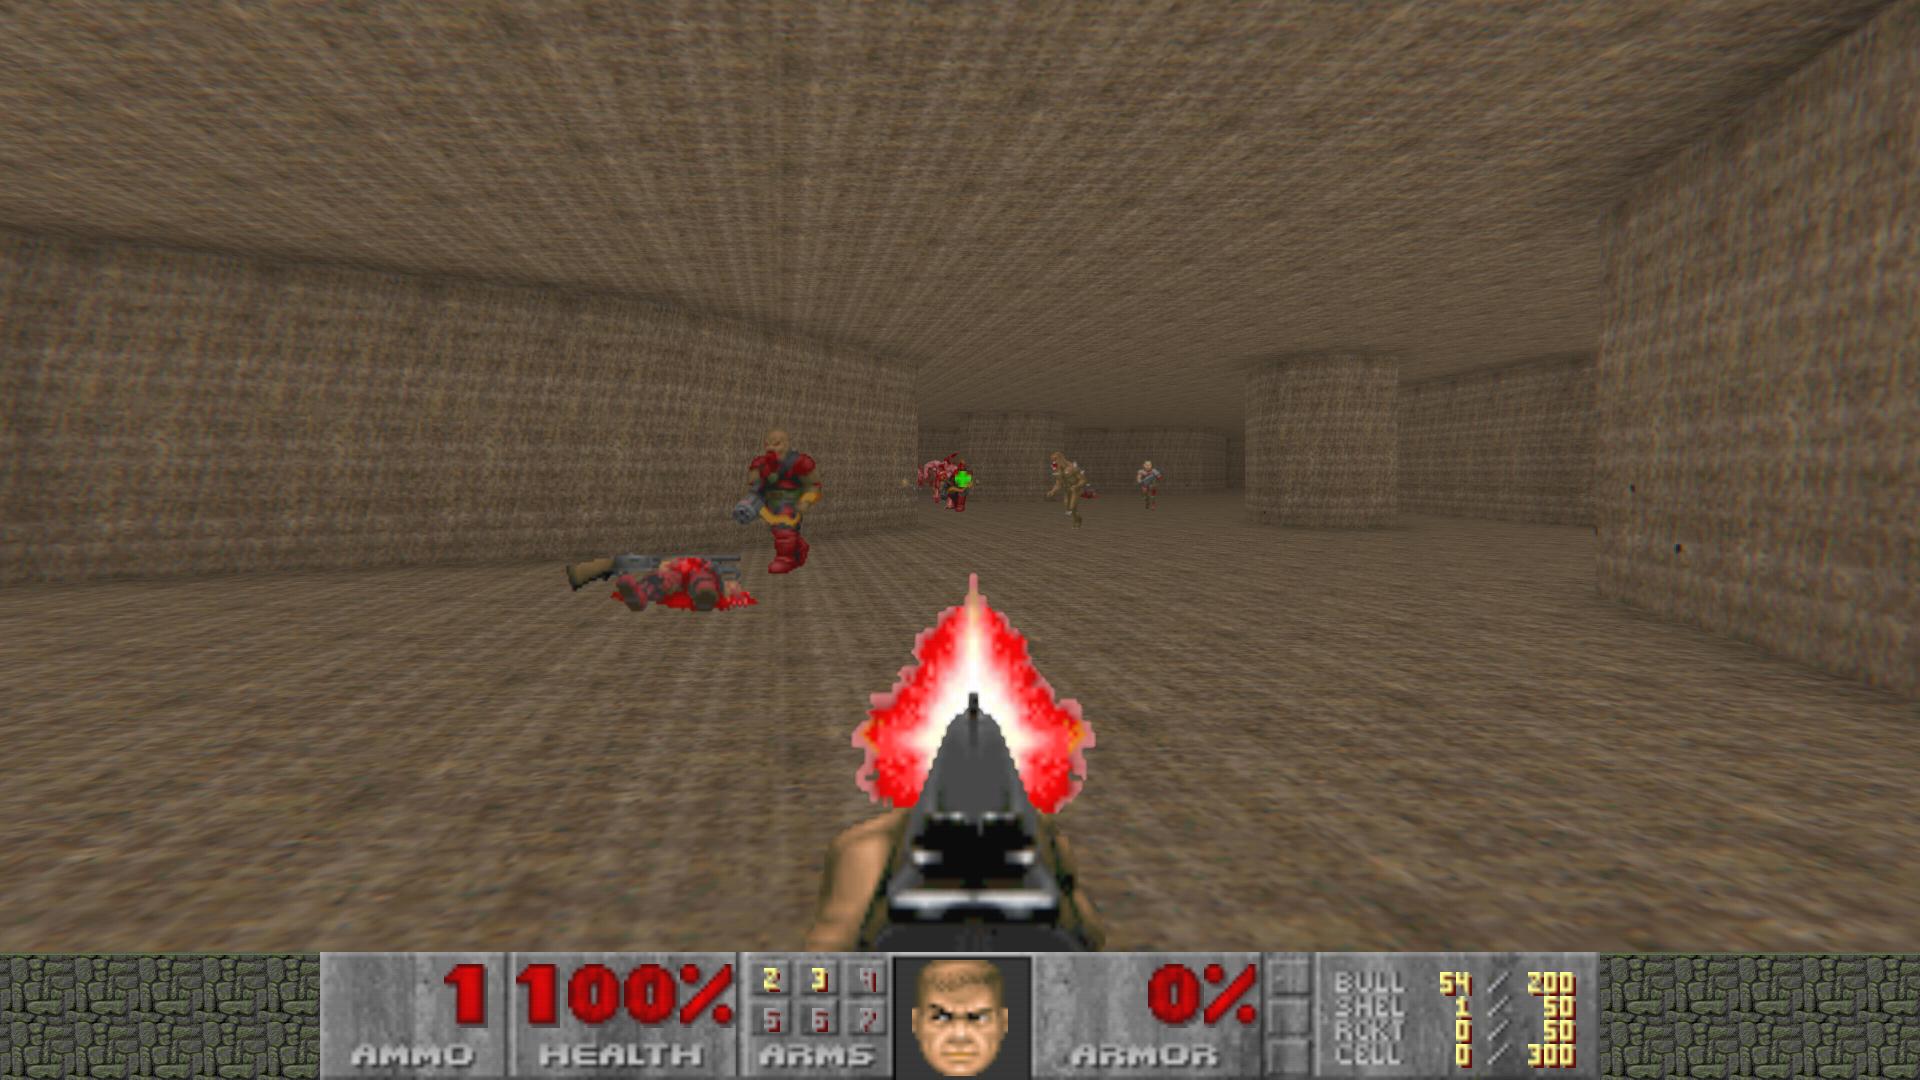 Screenshot_Doom_20200422_135058.png.1a9f00b812afdca15c05d910a632dd78.png